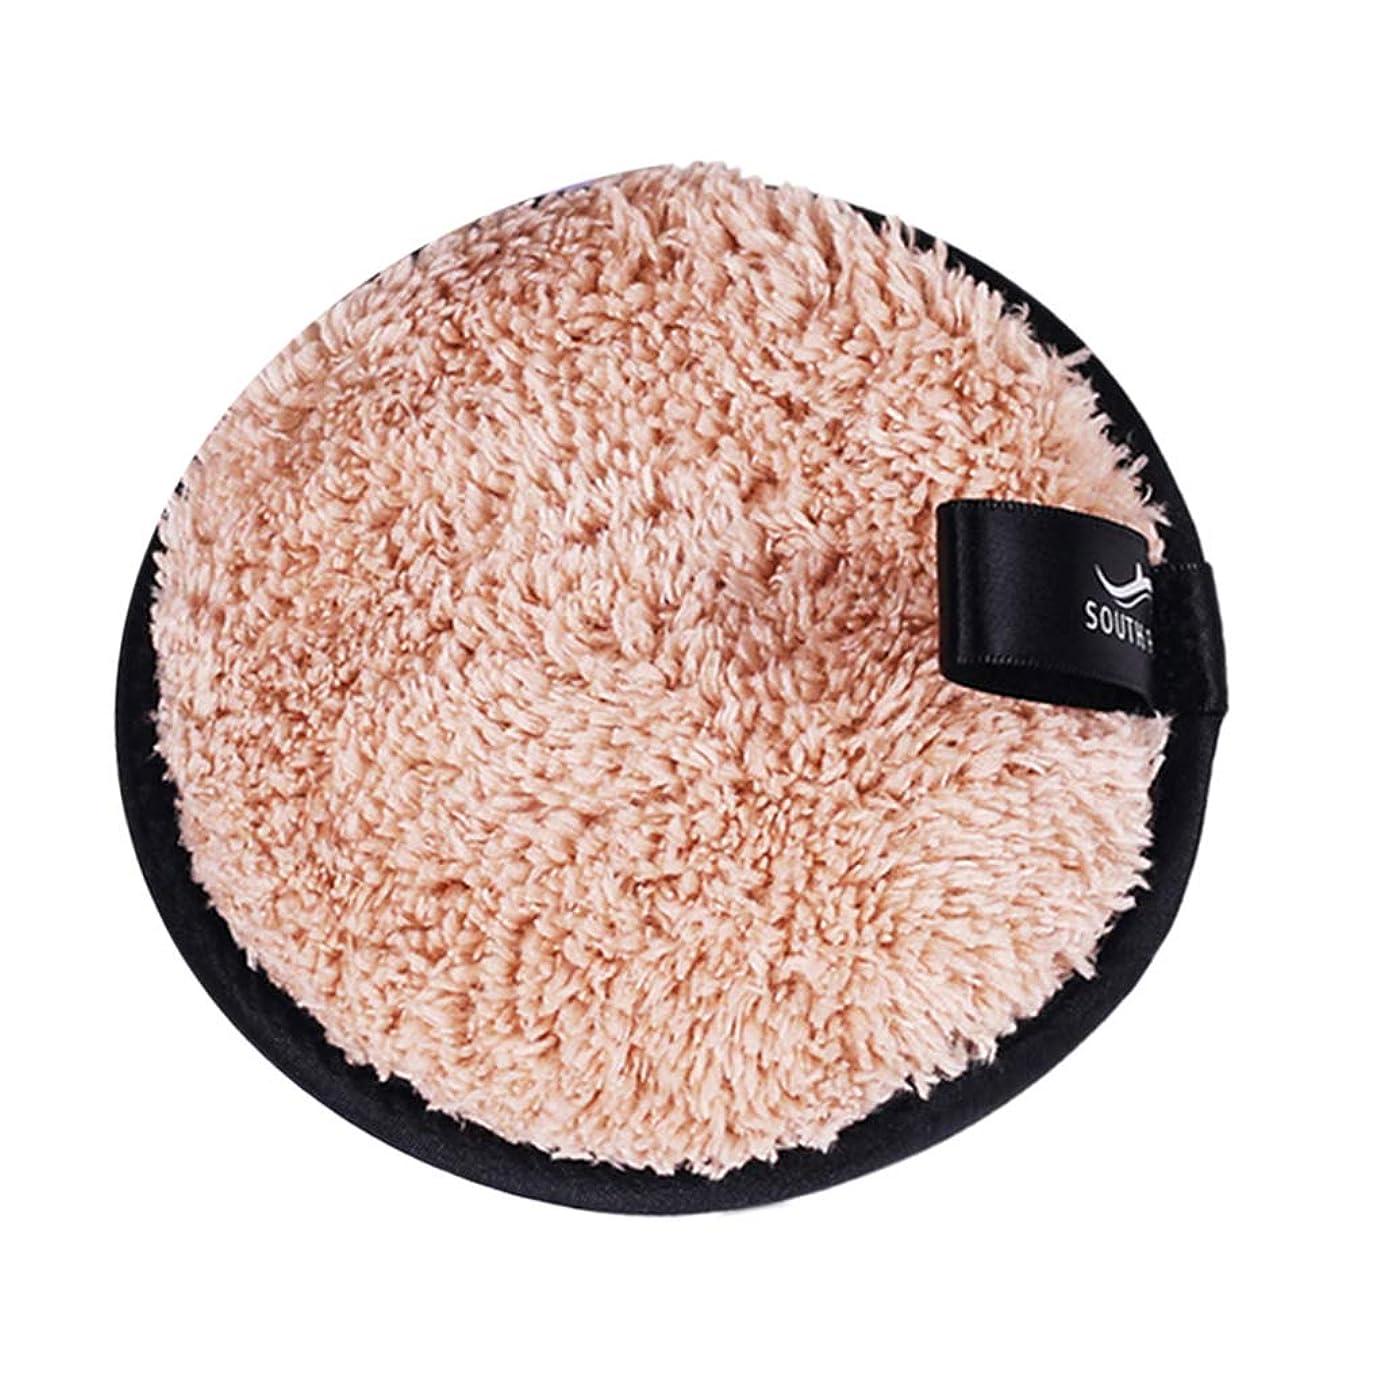 分離波紋おとうさんFLAMEER メイクリムーバーパッド 化粧品 フェイシャル クレンジング パフ スポンジ 3色選べ - 褐色